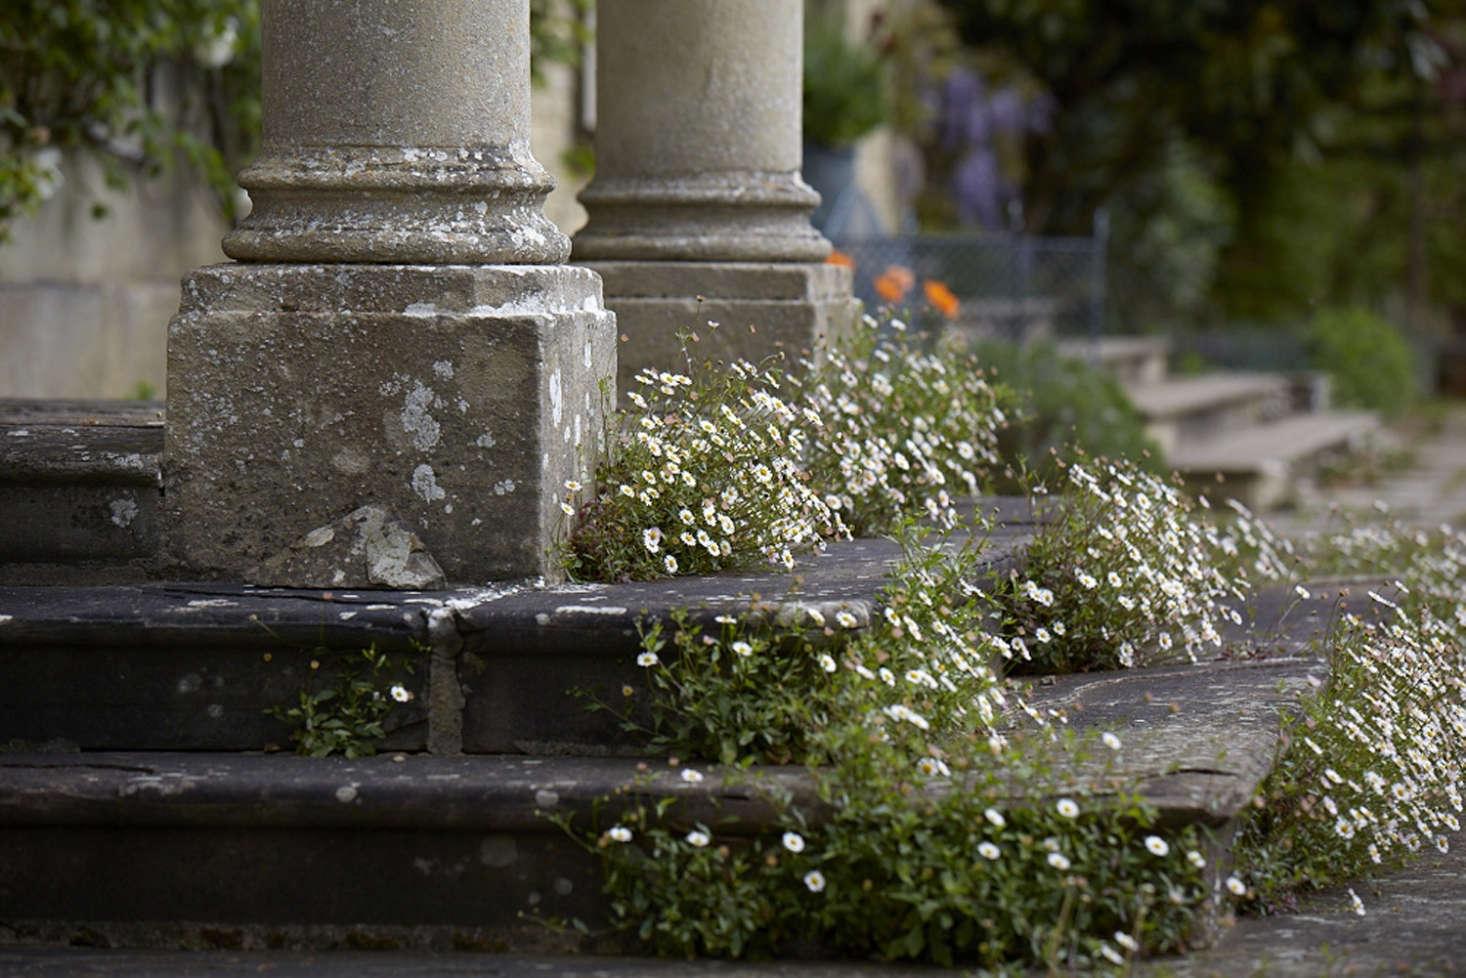 沙恩·斯通在佛罗伦萨的一层,然后把它放在佛罗伦萨的古普提亚的专栏中。来自维特纳·维斯顿的照片。